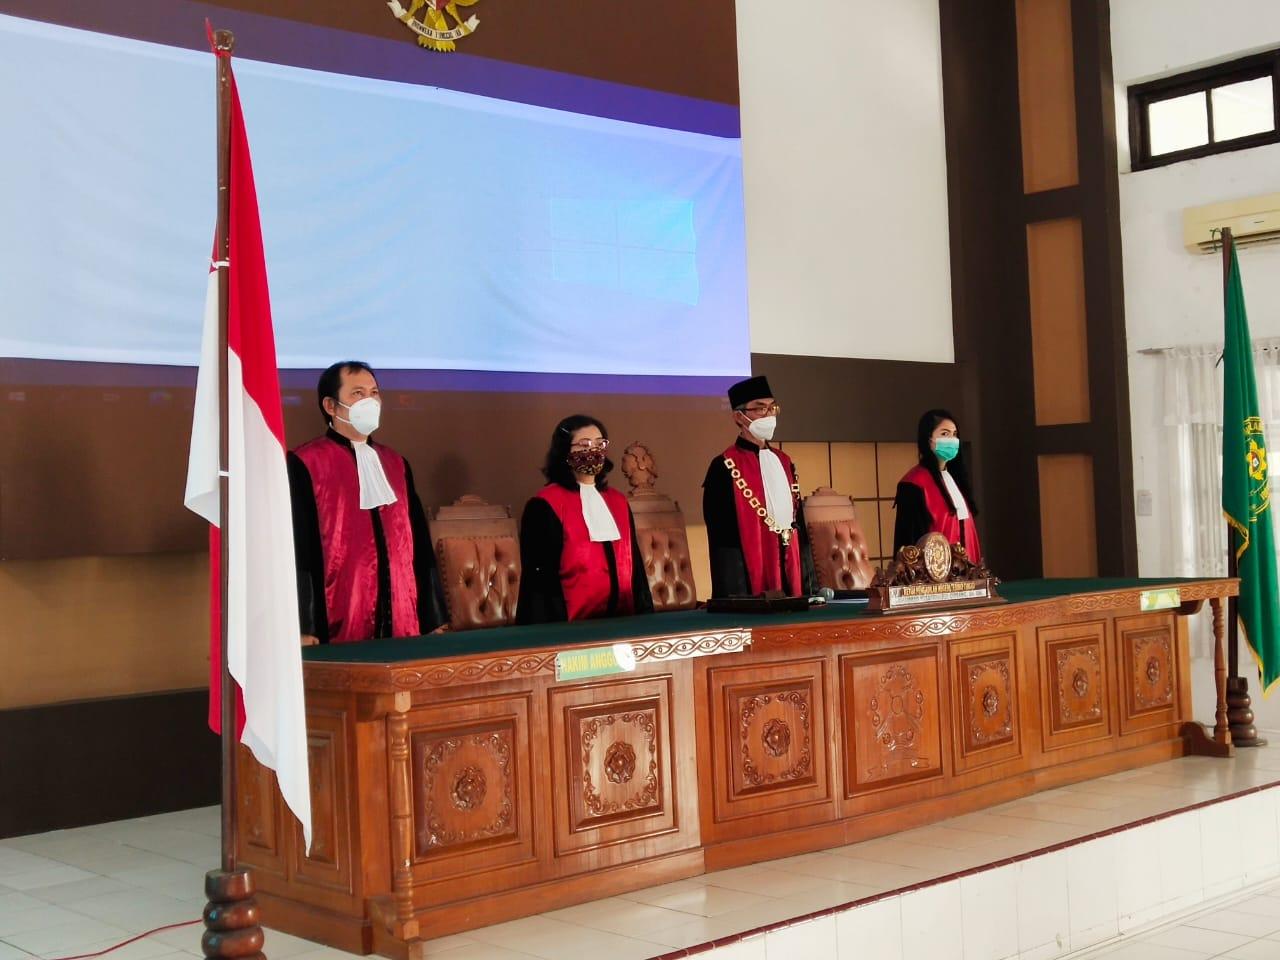 Sidang Luar Biasa Penyampaian Laporan Pelaksanaan Kegiatan Tahunanan Tahun 2020 Pengadilan Negeri Tebing Tinggi Kelas I B